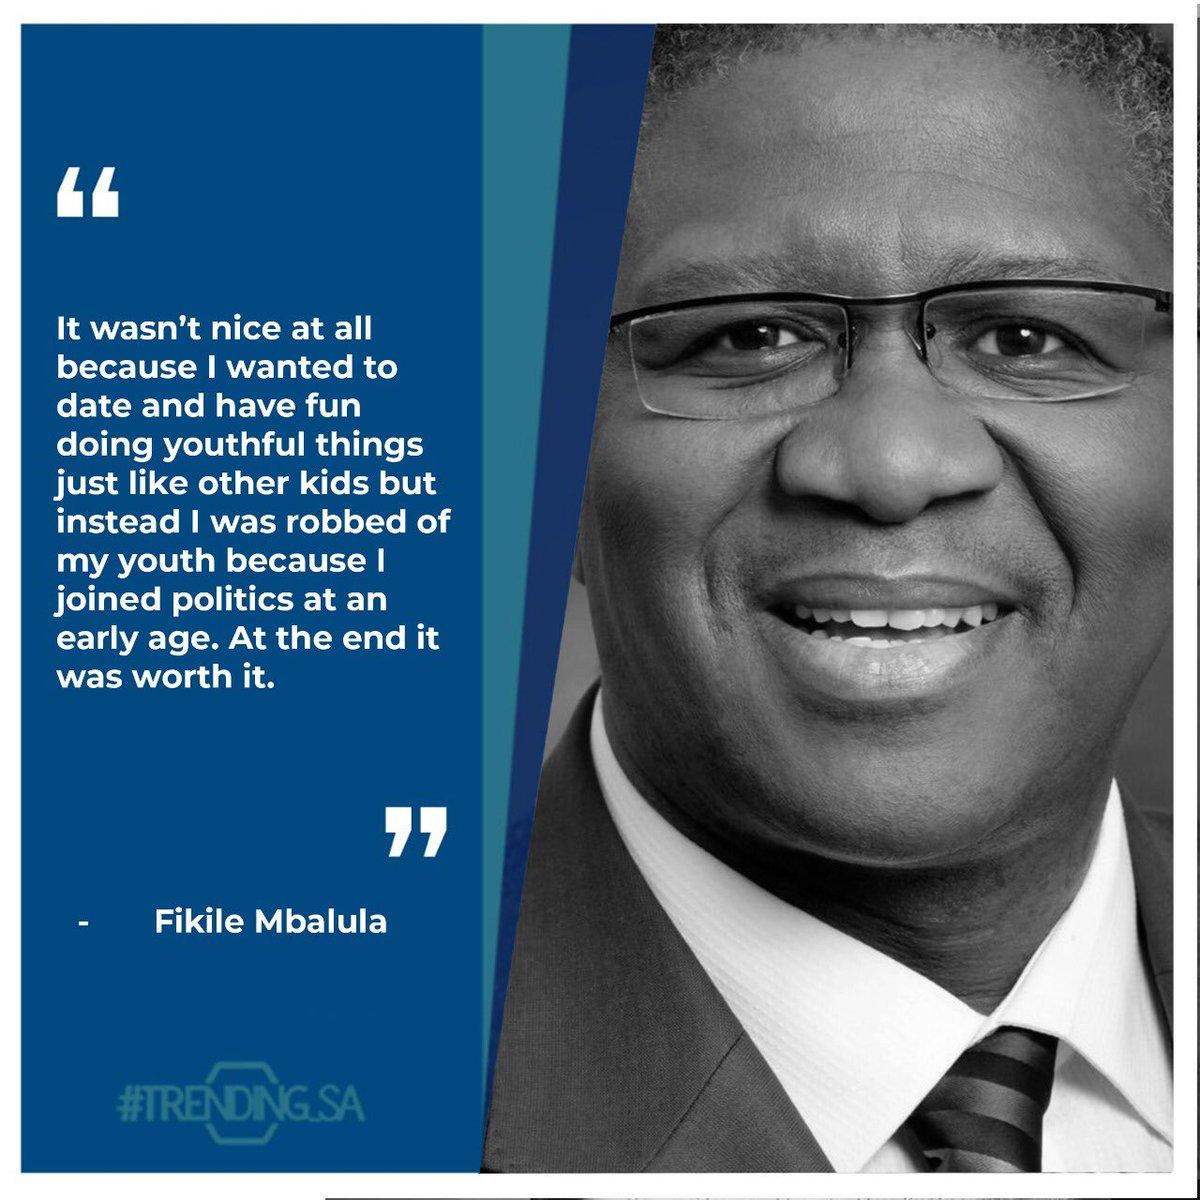 Minister of Transport @MbalulaFikile on growing up in Botshabelo #tsaon3 #tsaonline